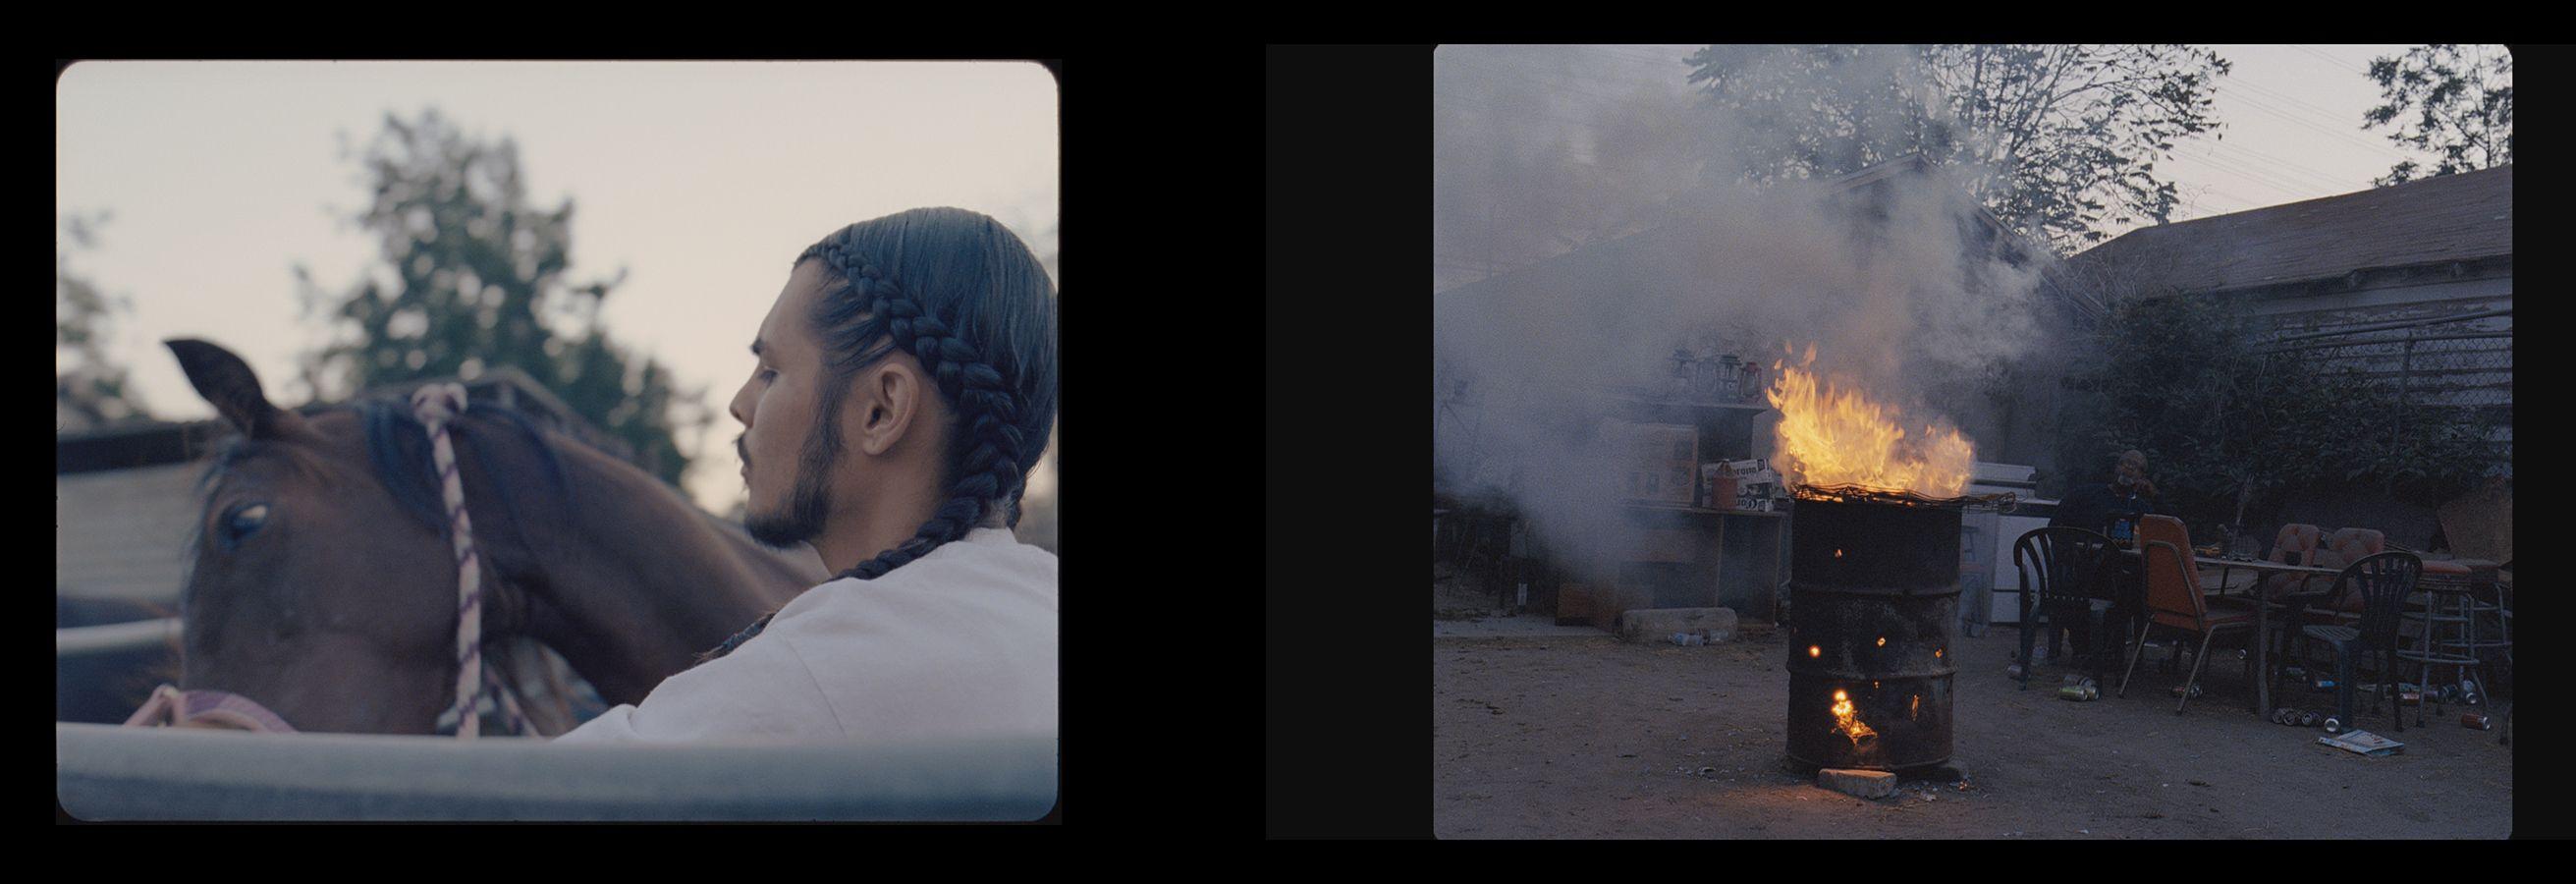 Kahlil Joseph S Good Kid M A A D City Short Film Surfaces With